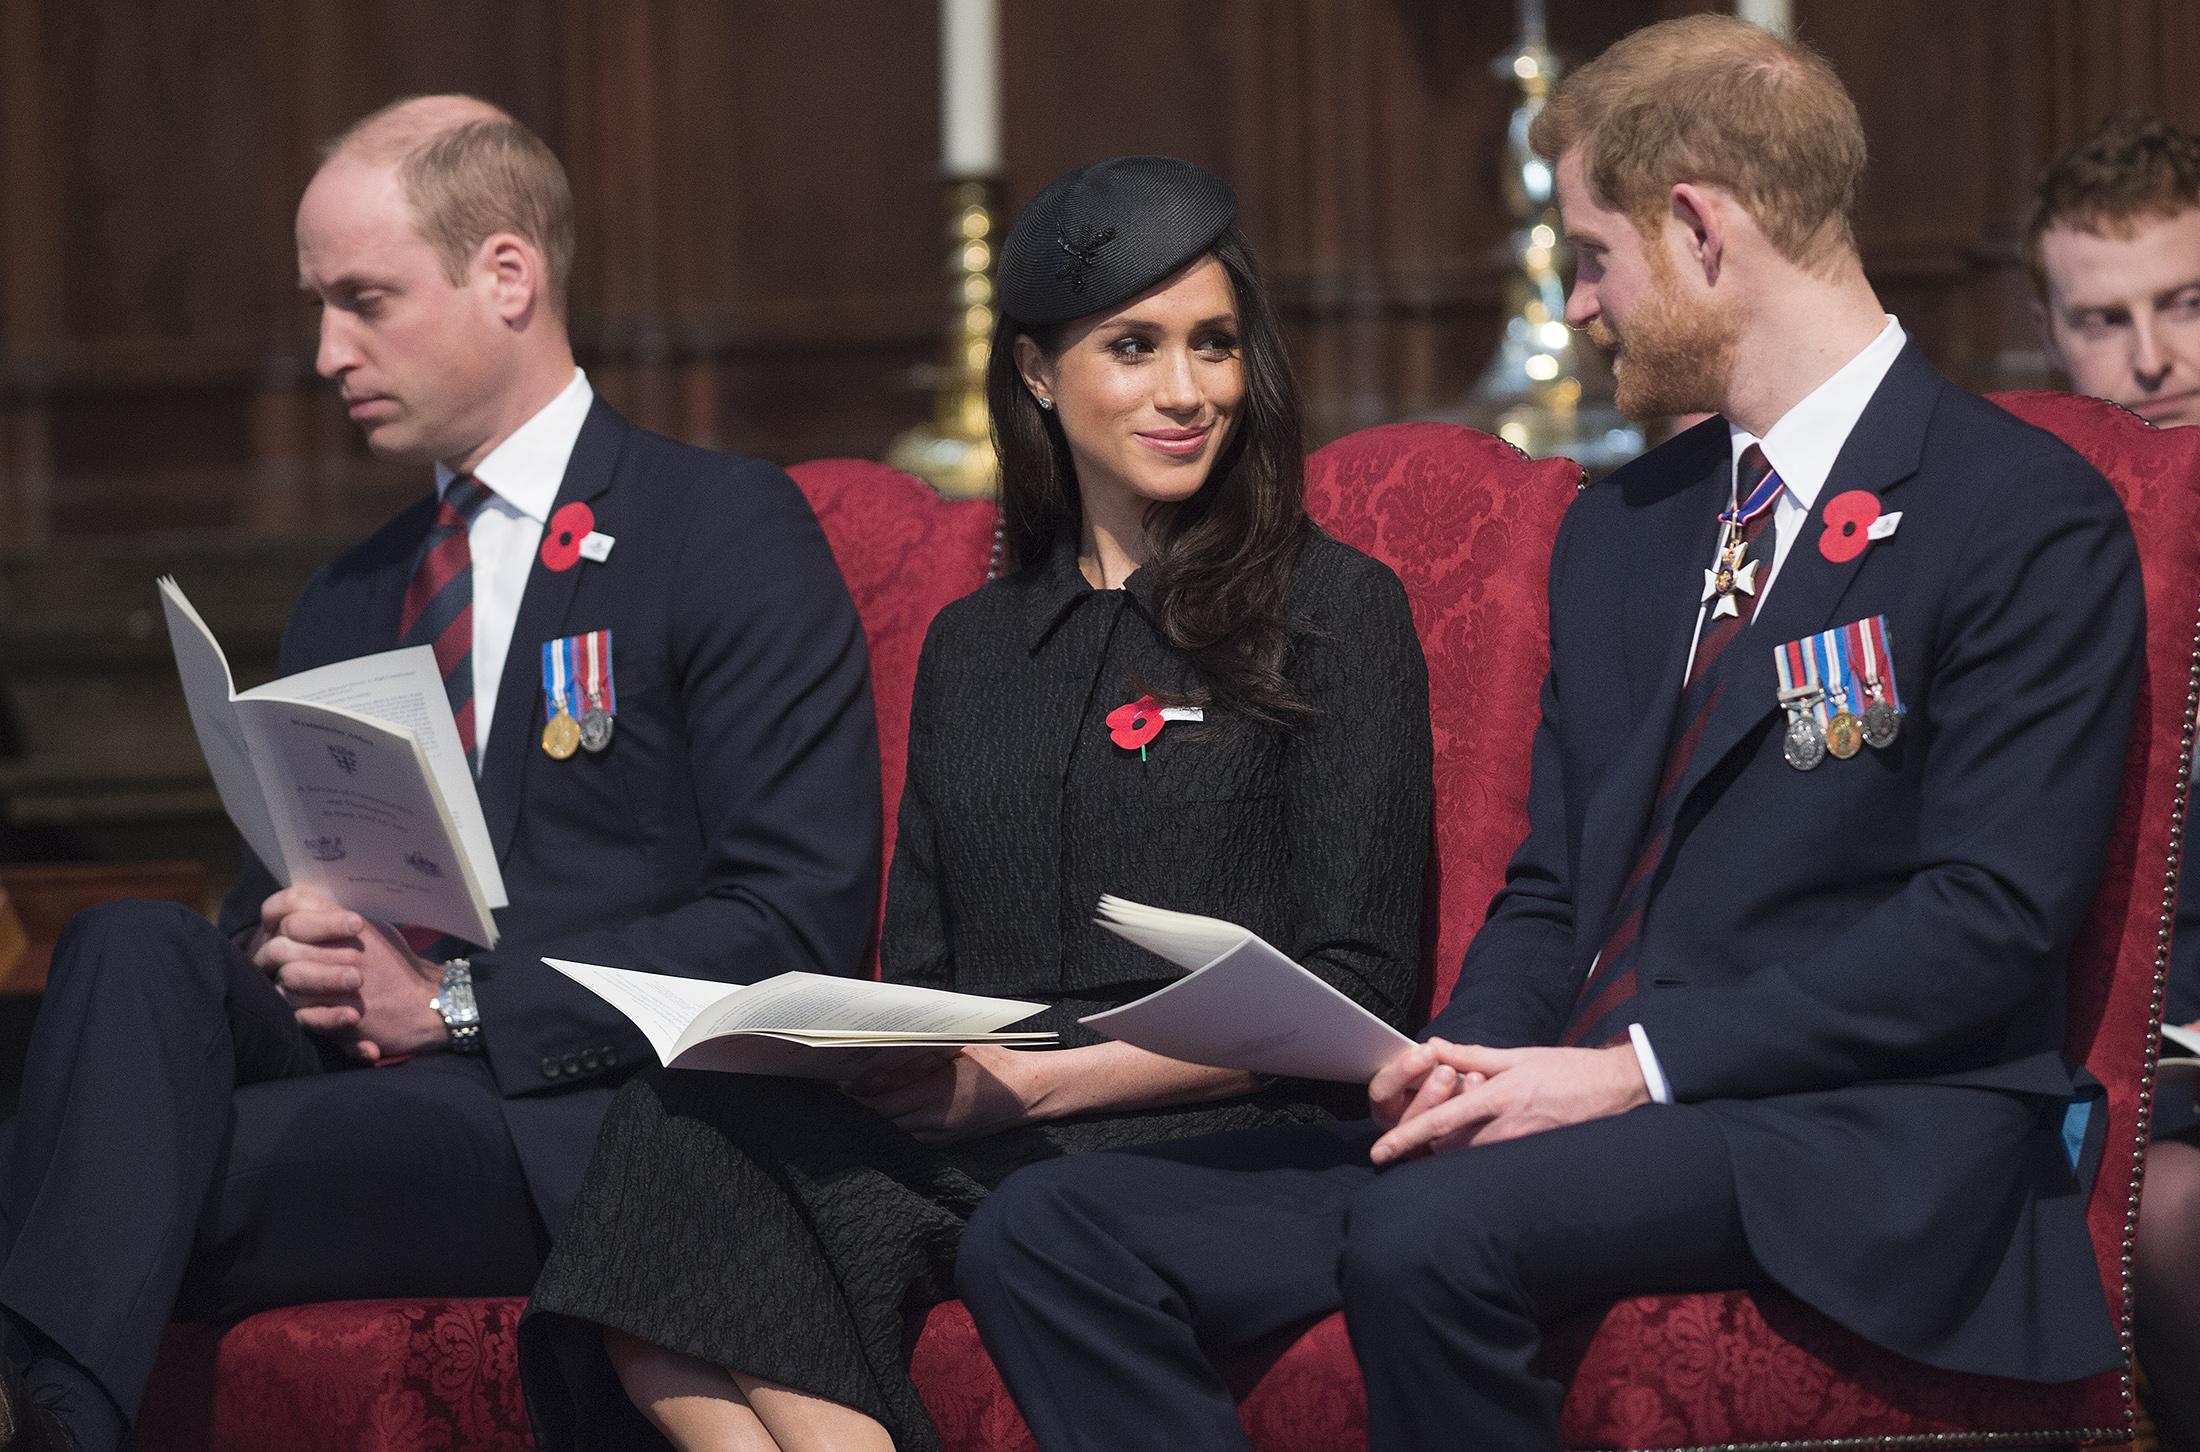 Prințul William, Prințul Harry, Meghan Markle, Anzac Day 2018, în Westminster Abbey. Toți trei s-au îmbrăcat în negru și stau pe scaune roșii